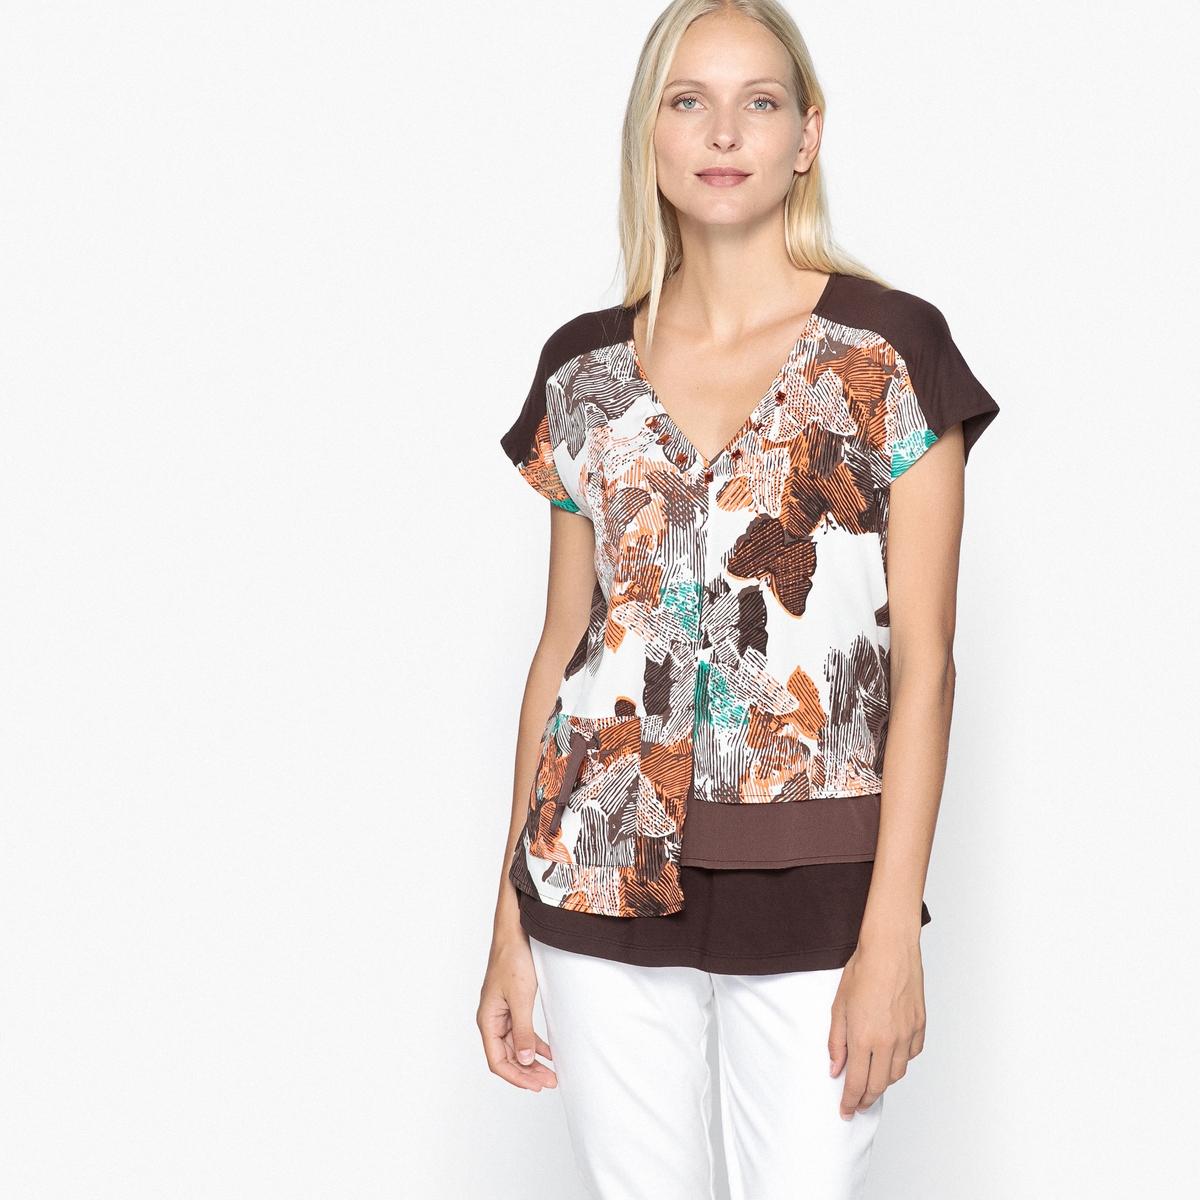 Блузка с рисунком, V-образным вырезом и короткими рукавамиОписание:Очень женственная блузка с рисунком из двух материалов. Элегантная и модная блузка с V-образным вырезом, украшенным кабошонами. Детали •  Короткие рукава •   V-образный вырез •  Рисунок-принтСостав и уход •  95% вискозы, 5% эластана •  Температура стирки 30° на деликатном режиме   •  Сухая чистка и отбеливатели запрещены •  Не использовать барабанную сушку •  Низкая температура глажки •  Асимметричные полочки и отрезные детали •  Передняя часть из  100% полиэстера •  Карман на завязках с люверсами и на трикотажной подкладке •  Длина  : 65 см<br><br>Цвет: рисунок/фон экрю